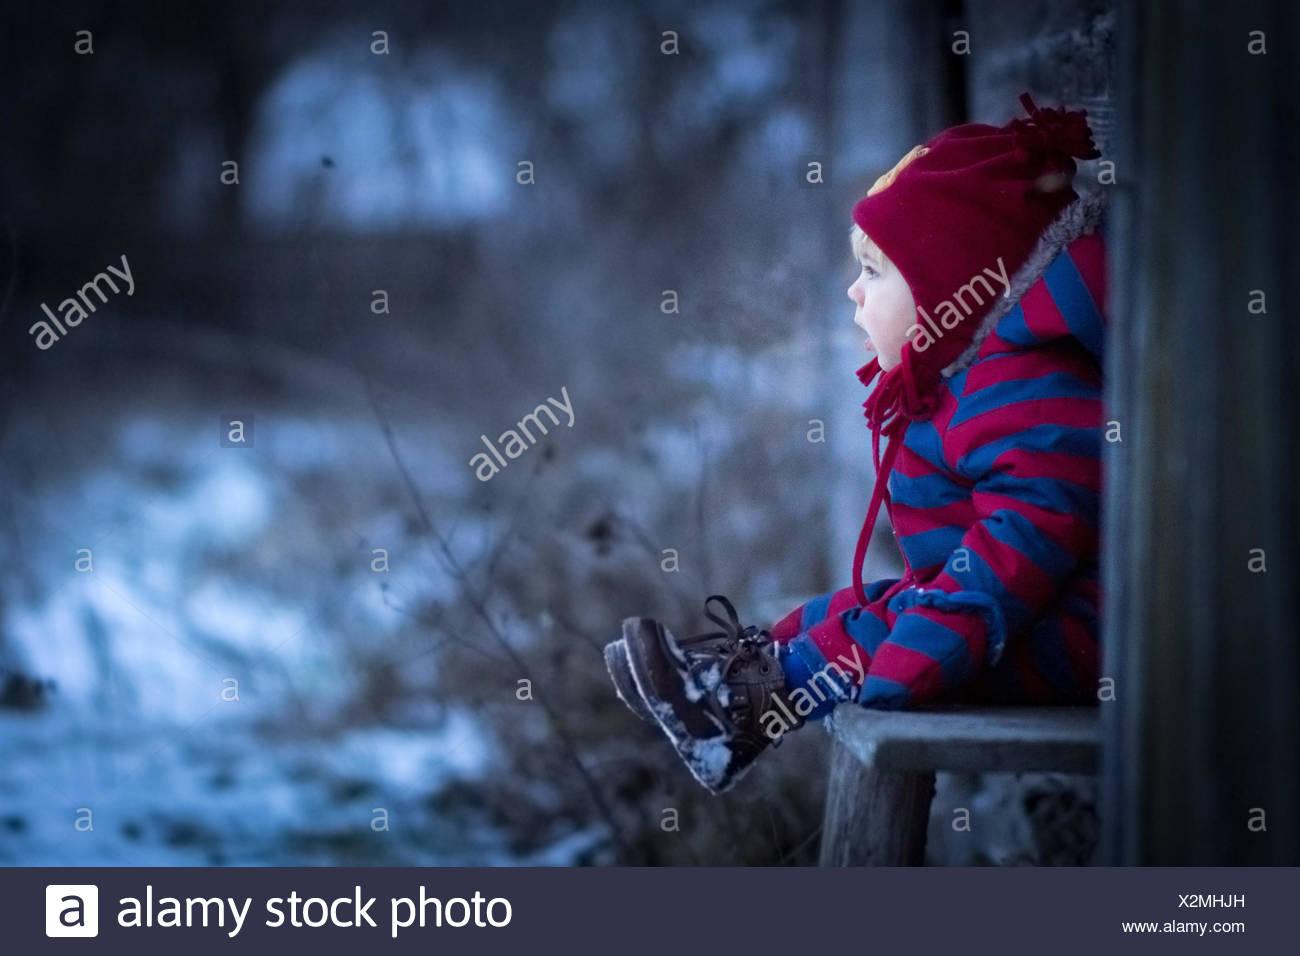 Jeune garçon assis sur un banc à l'extérieur Photo Stock